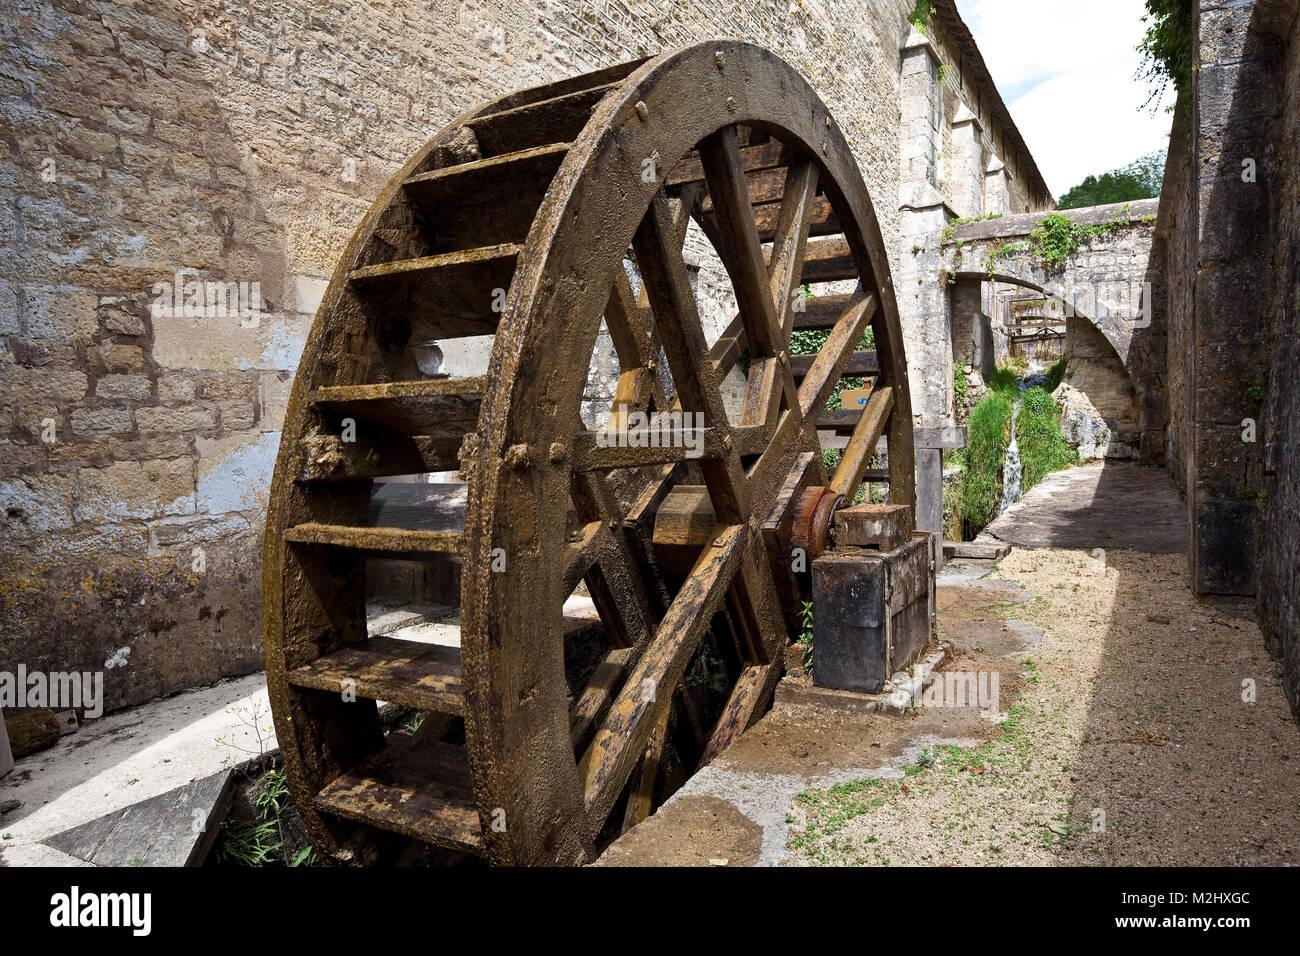 Fontenay ehem Zisterzienserkloster Wasserrad hinter der Schmiede zum Antrieb von Hammerwerk und Blasebaelgen - Stock Image